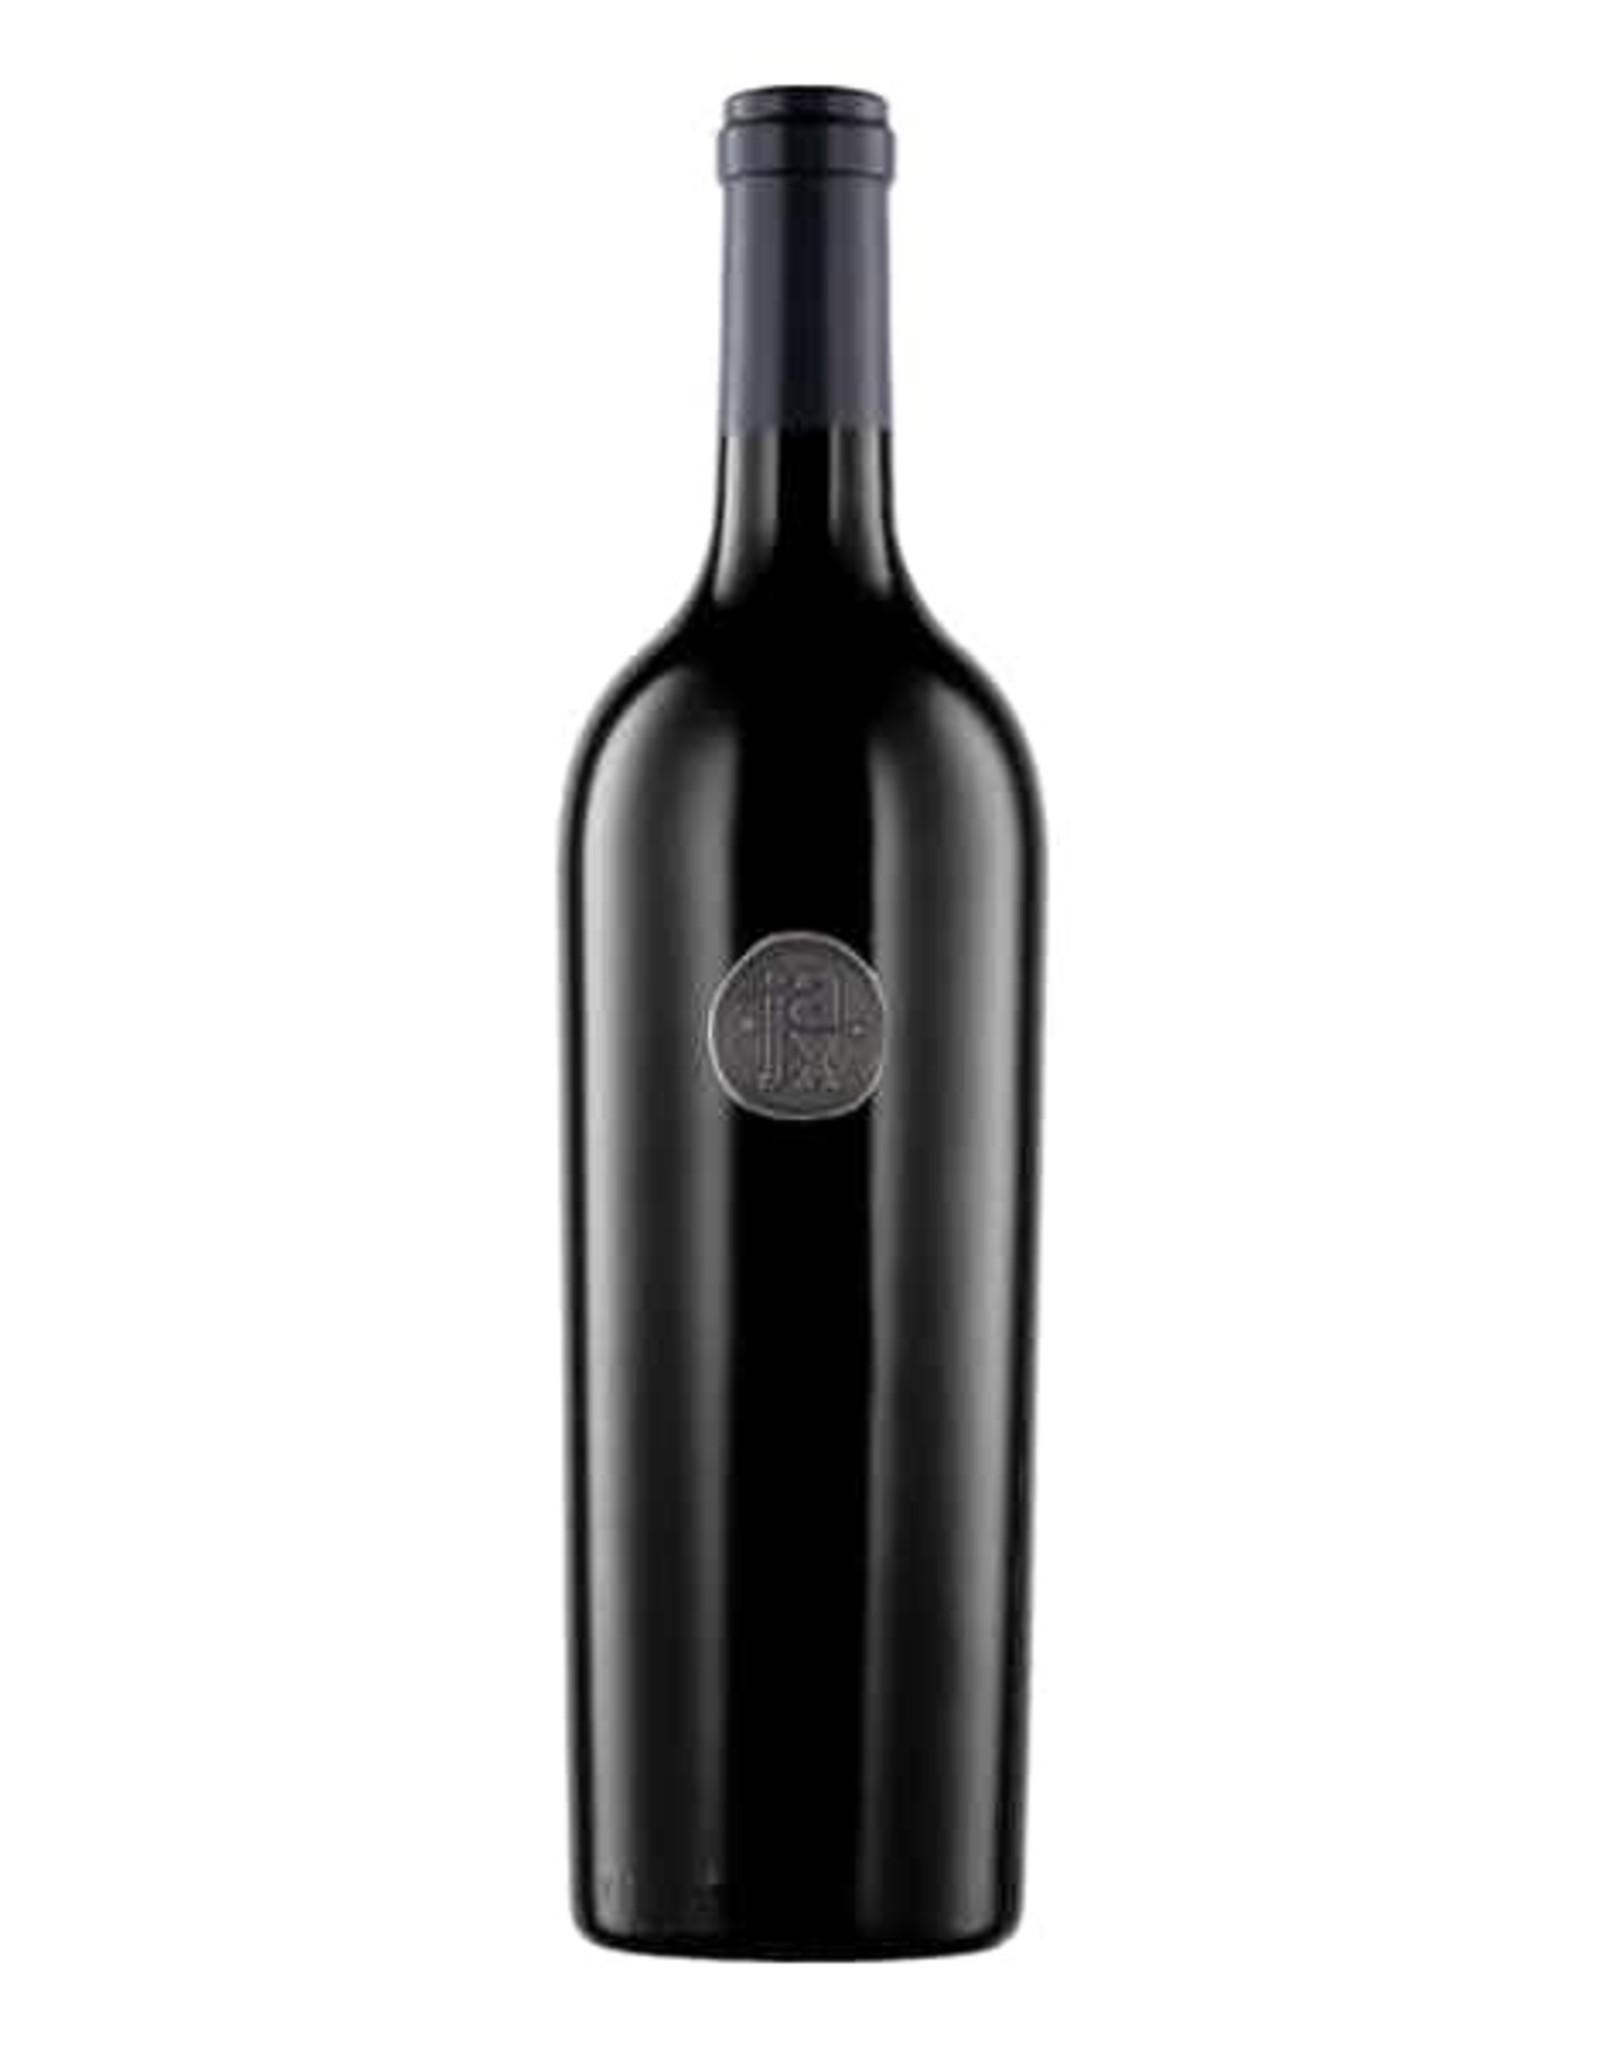 Jax Block 3 Cabernet Sauvignon Magnum 2018